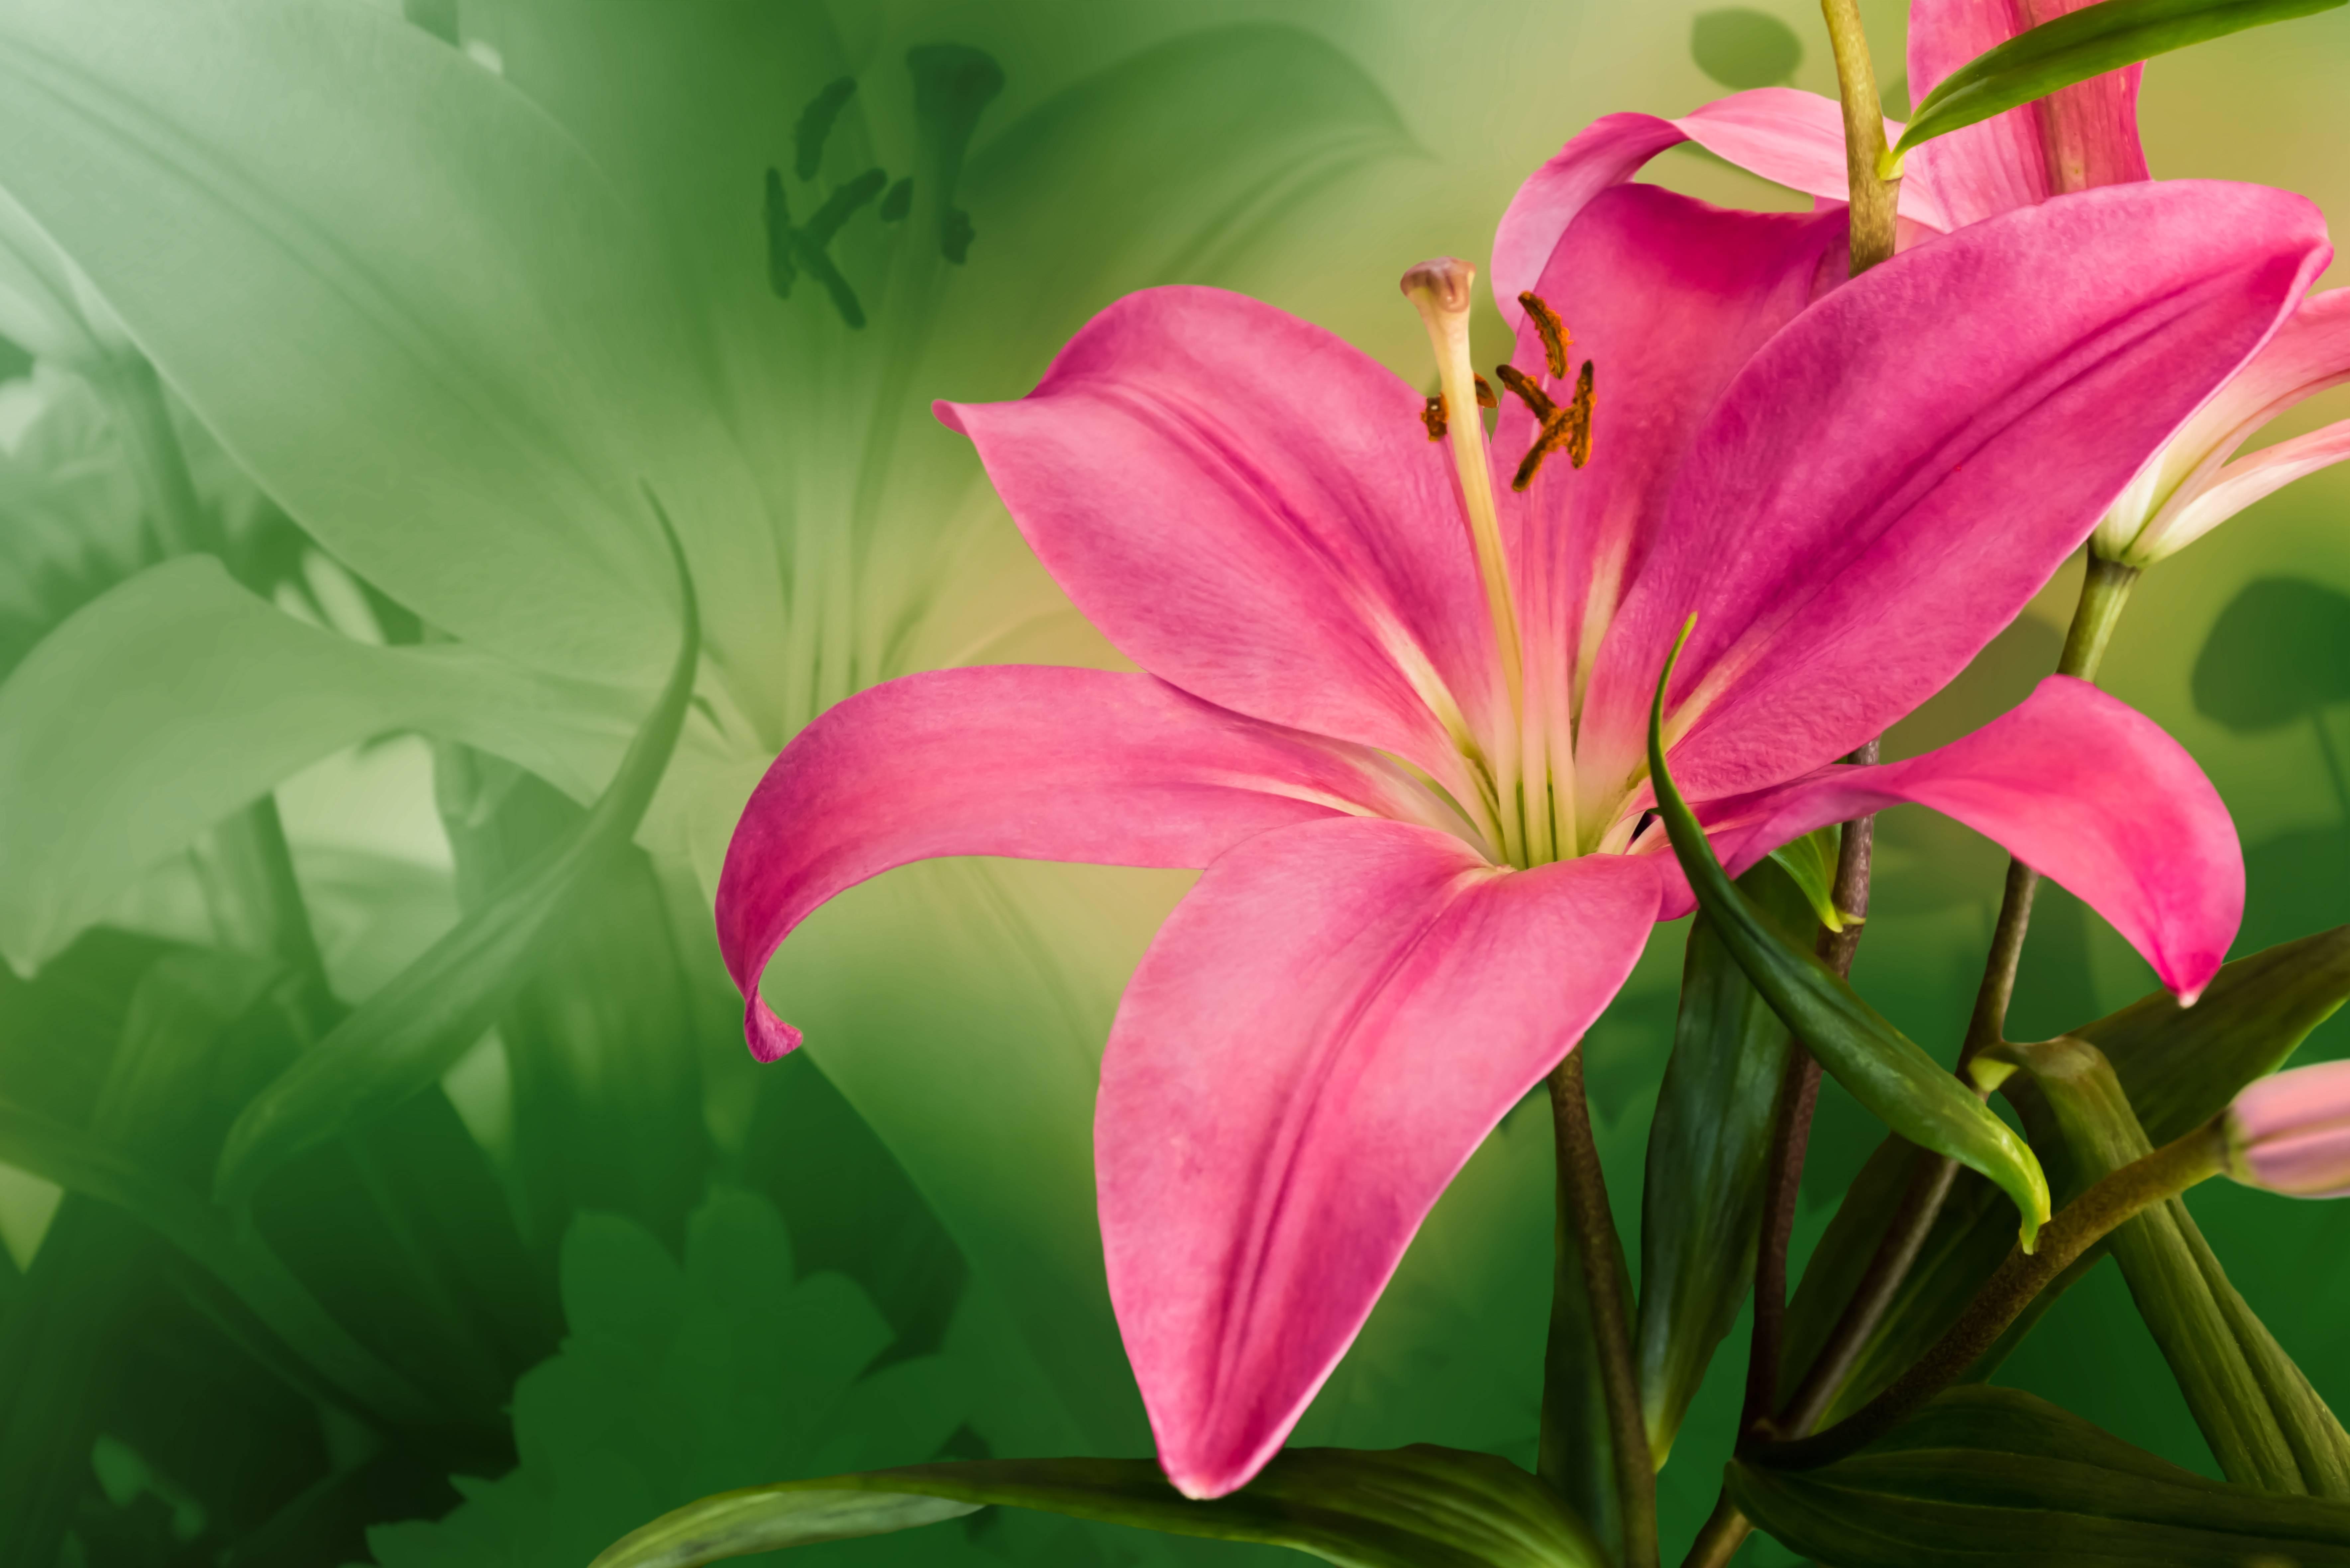 лилия, лилии, цветок